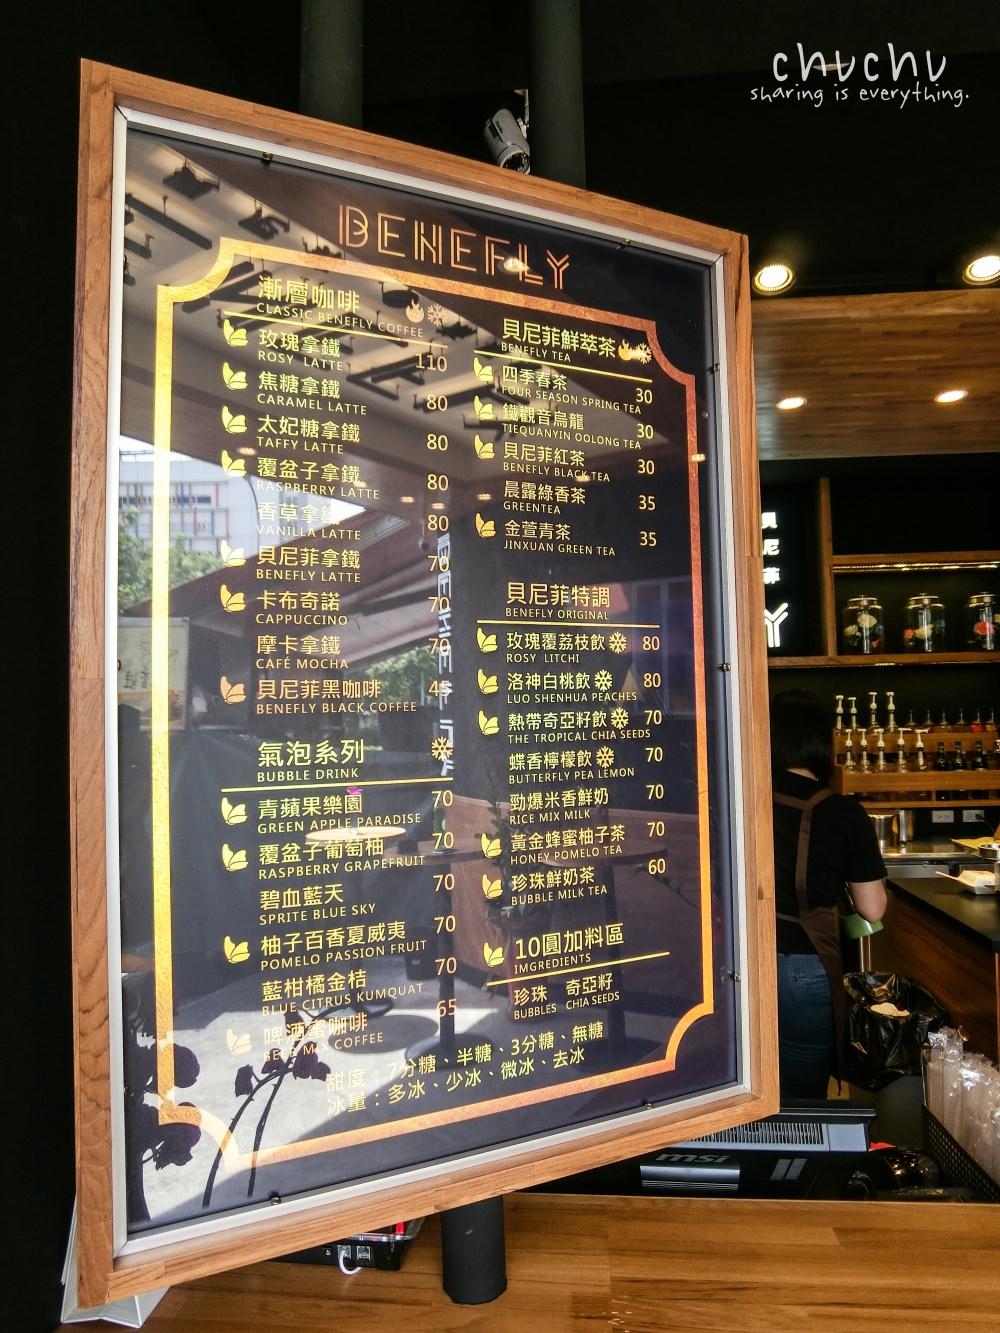 士林美食,士林夜市,士林推薦,漸層飲料,ig熱門打卡